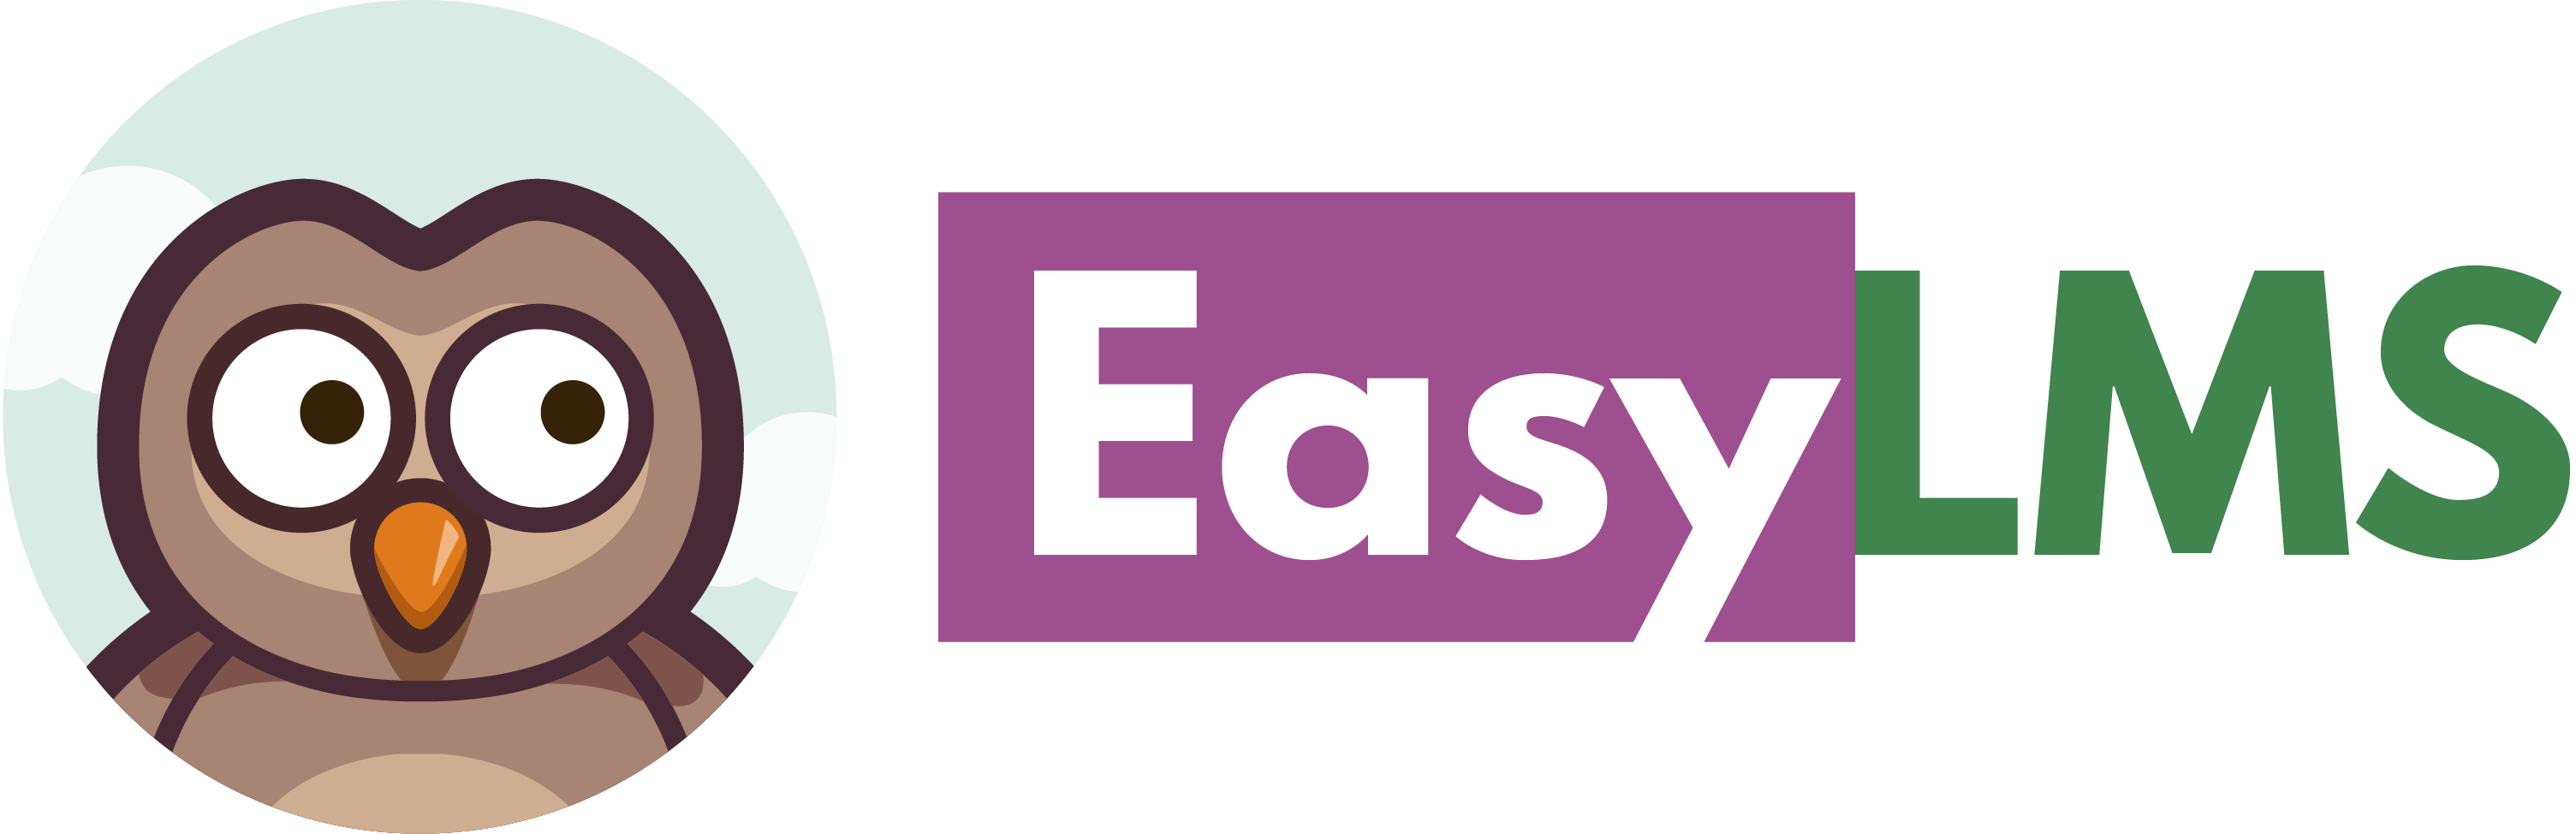 Easy LMS logo